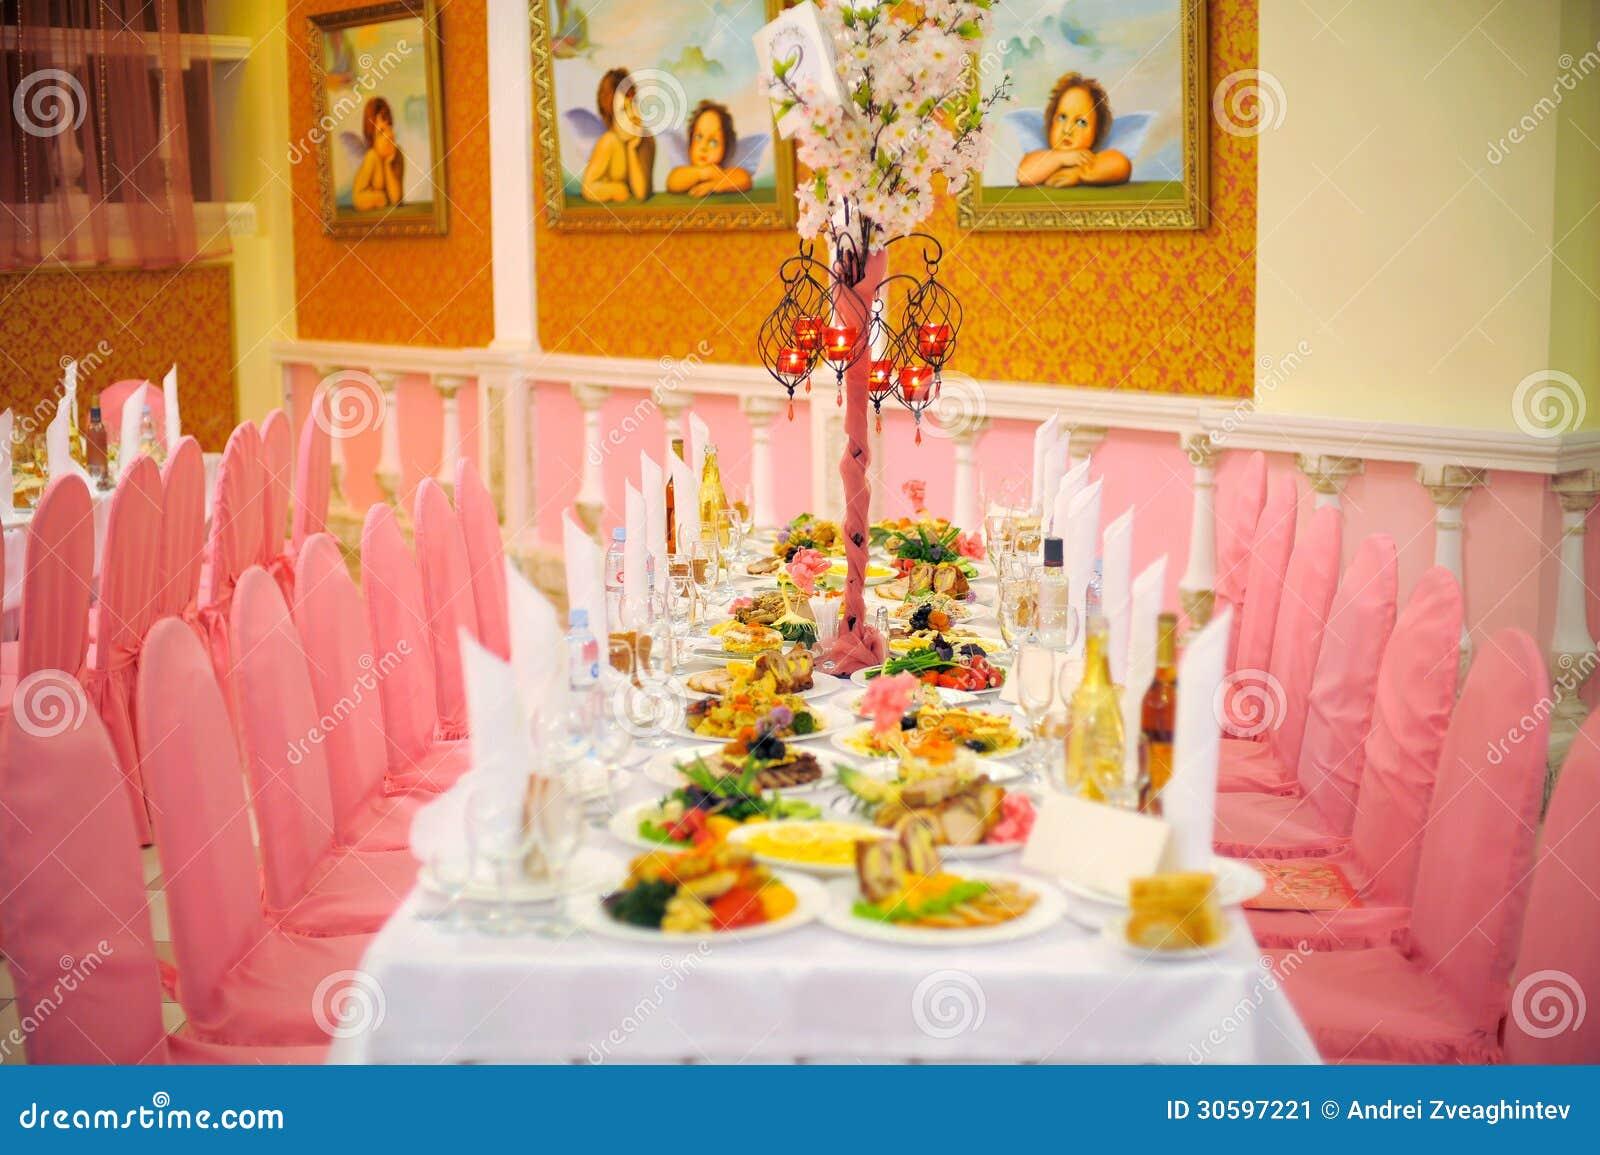 Roze en witte decoratie stock afbeelding afbeelding - Decoratie afbeelding ...